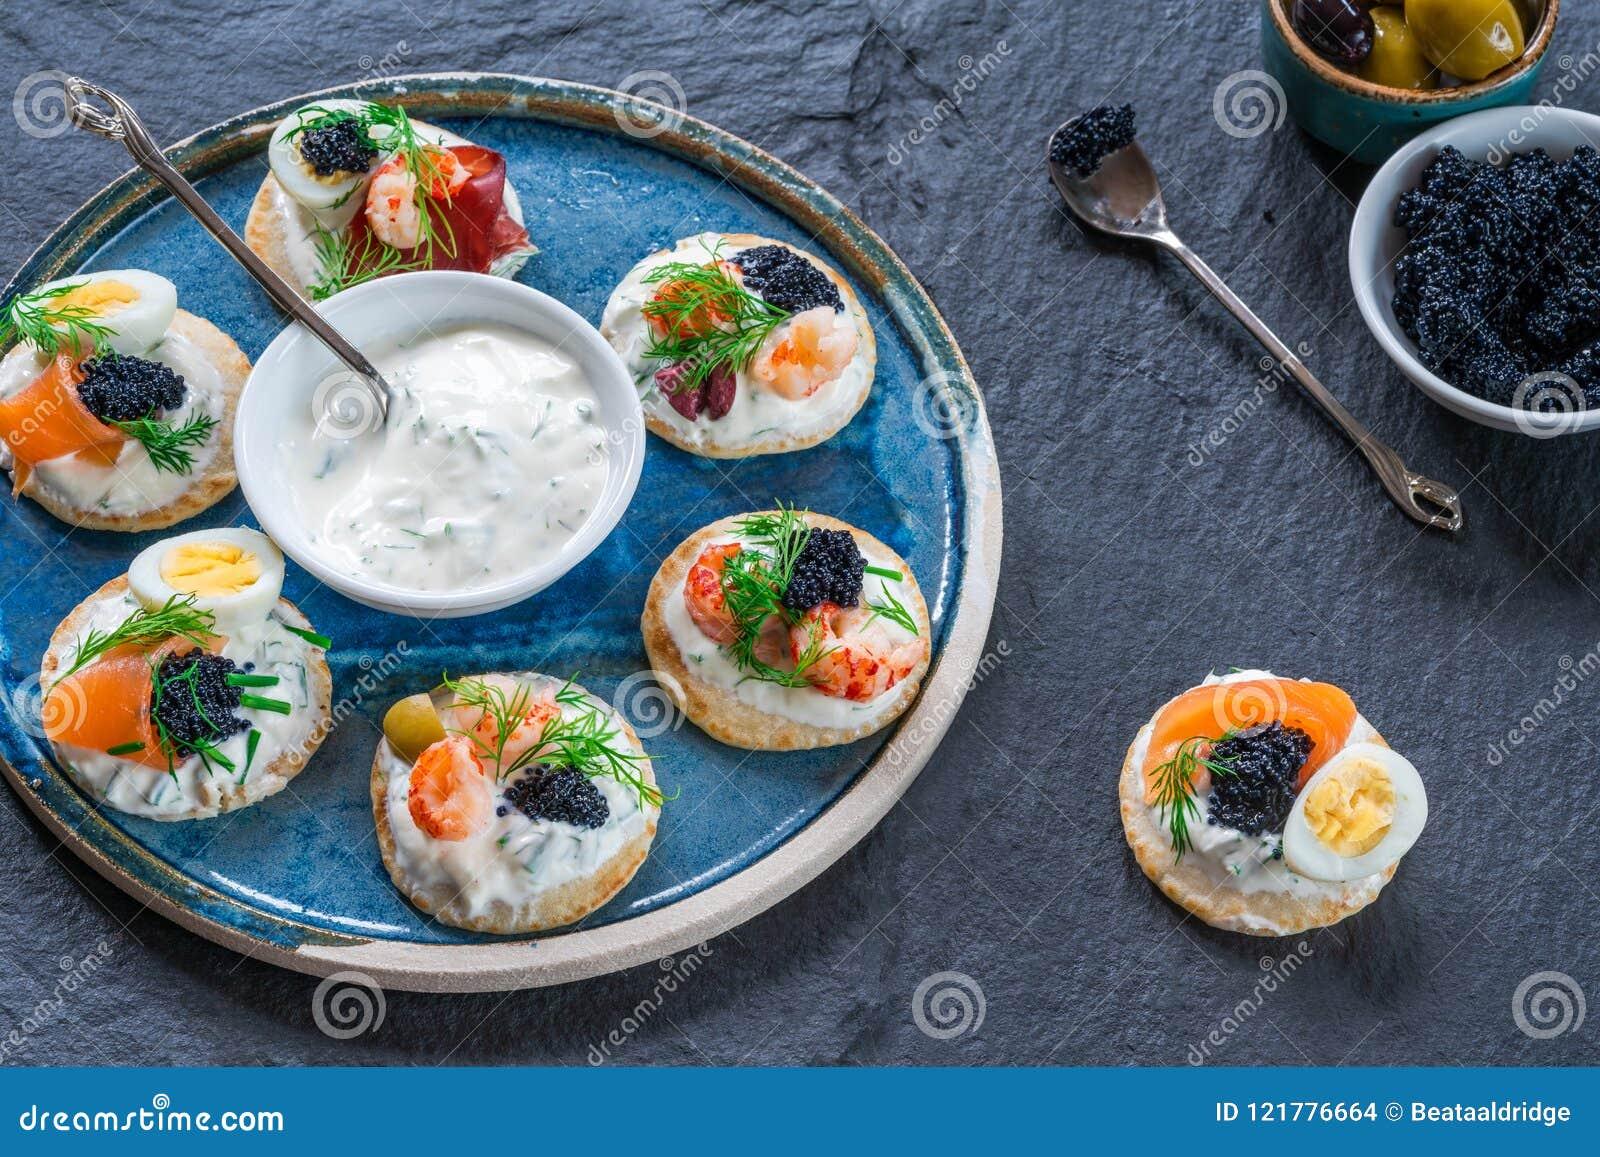 Selectie van cocktailblinis - gastronomisch partijvoedsel